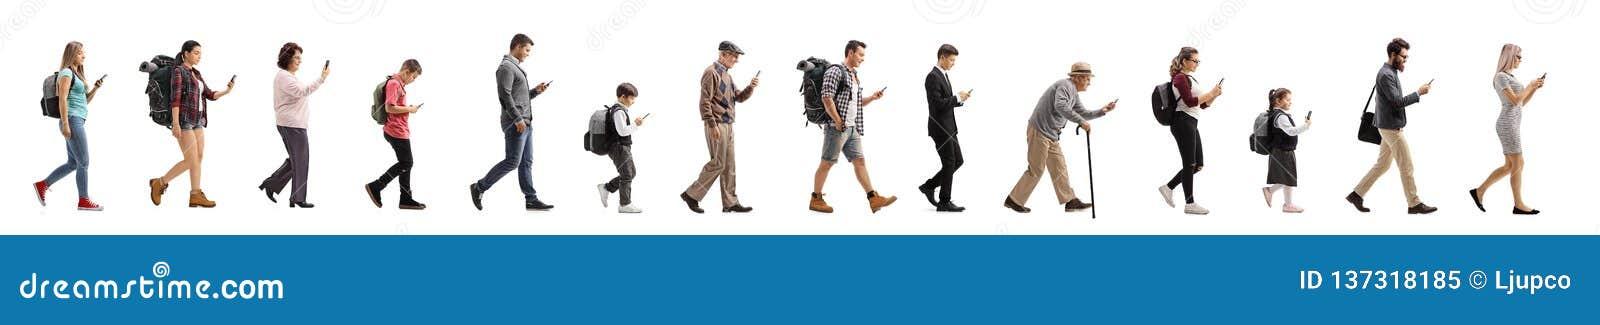 Snak rij van mensen die en een mobiele telefoon lopen met behulp van